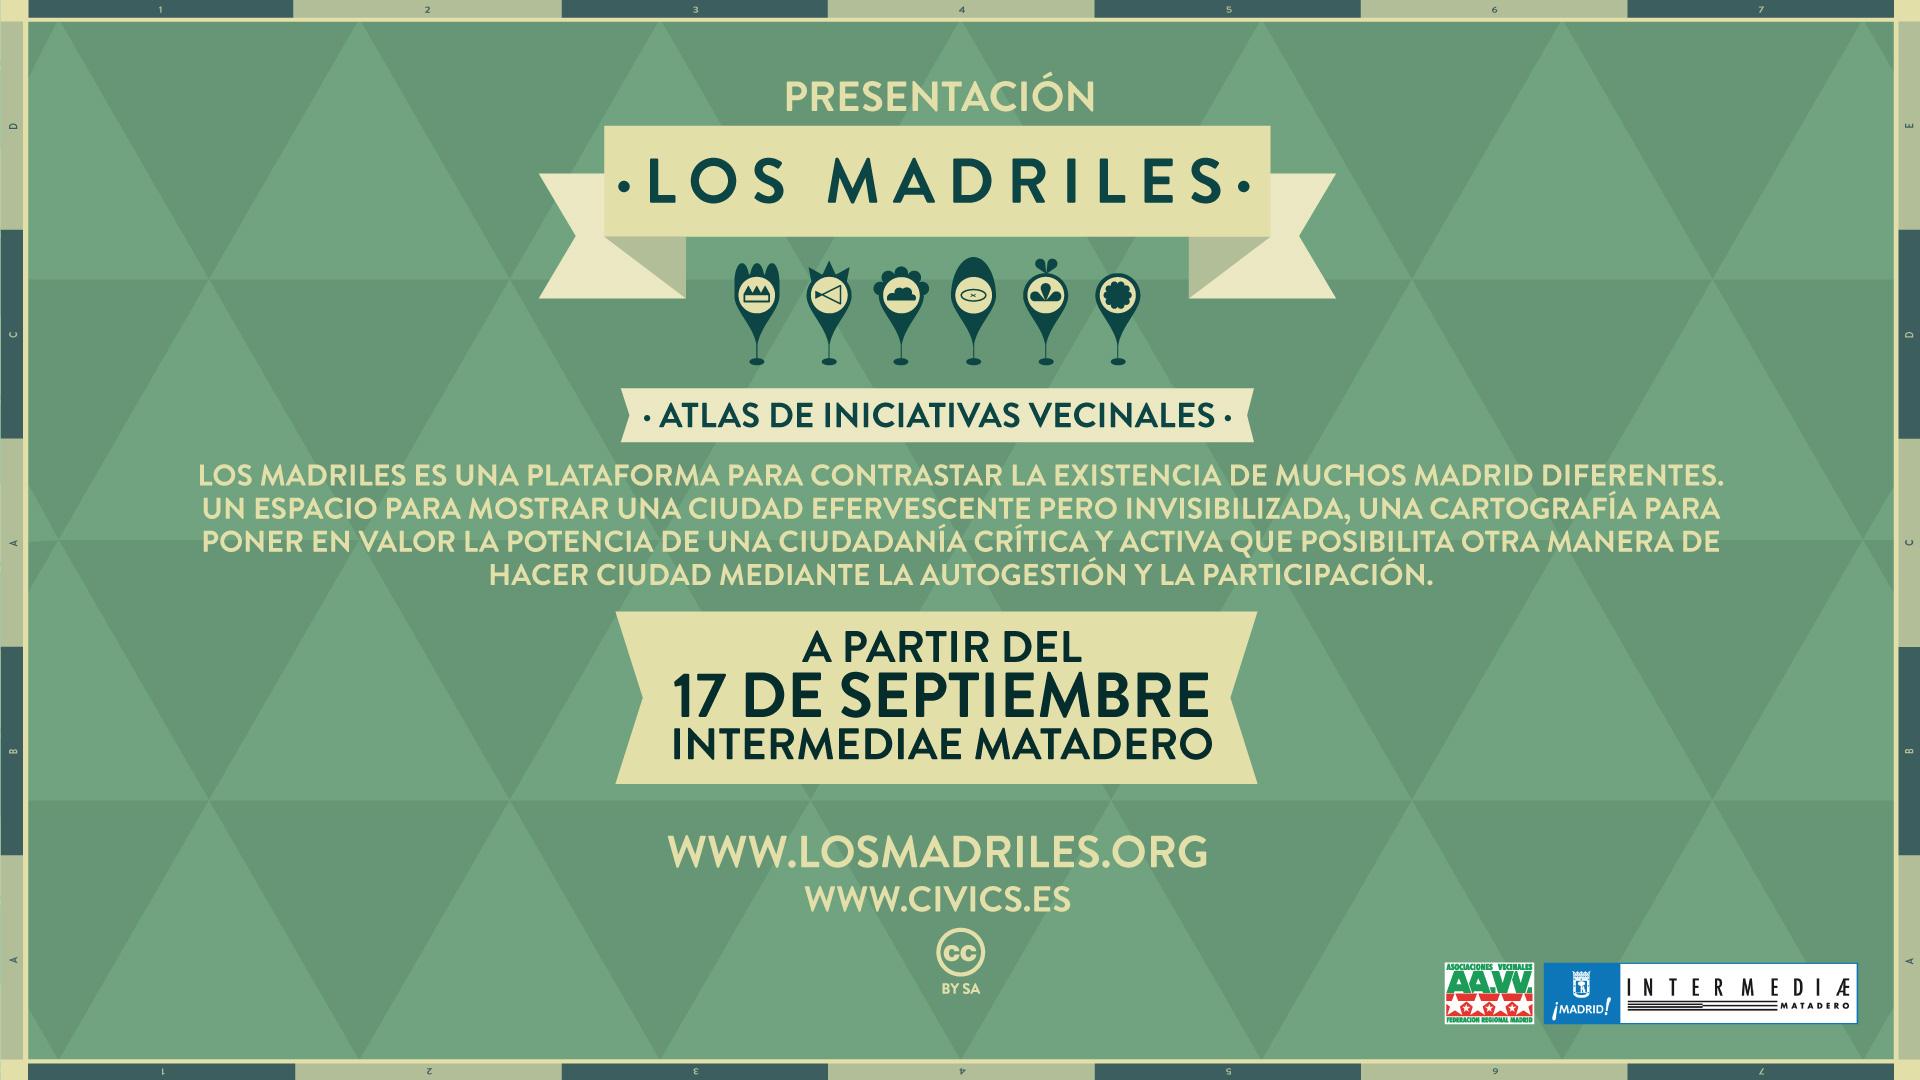 Cartel de la presentación de Los Madriles